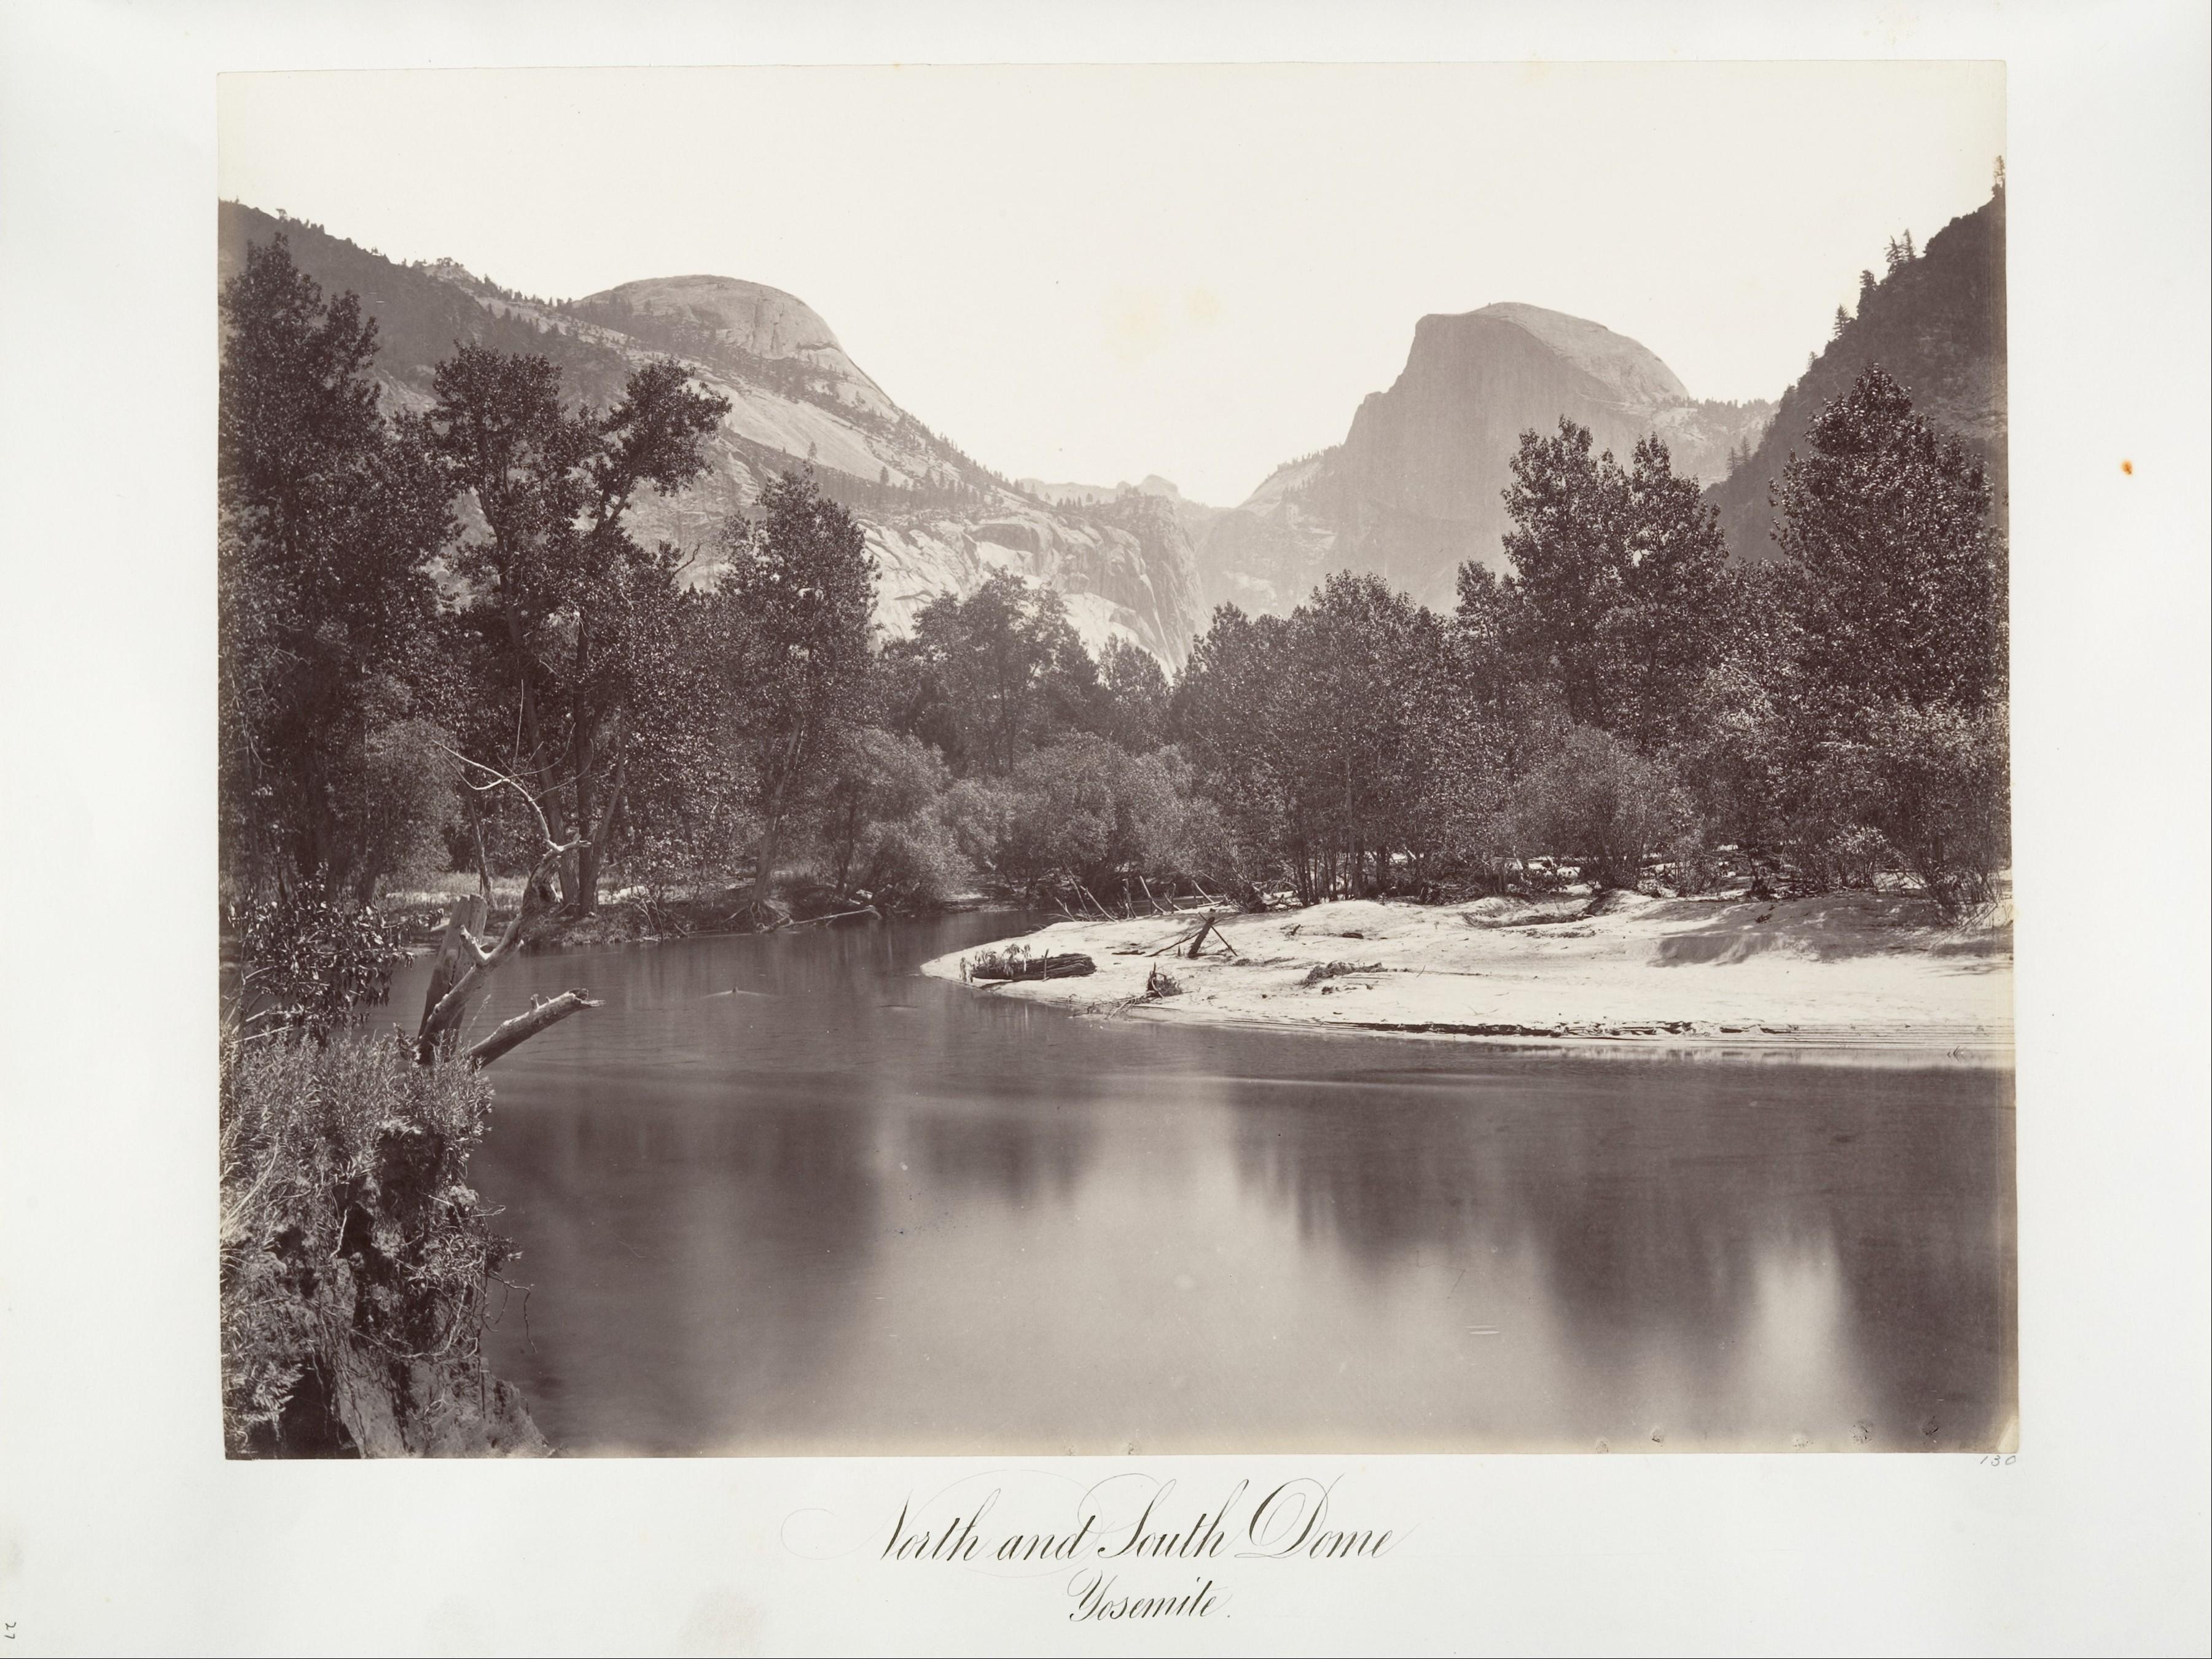 Fotó: Carleton Watkins: North and South Dome, Yosemite, ca. 1872, printed ca. 1876 © Carleton Watkins / The Metropolitan Museum of Art